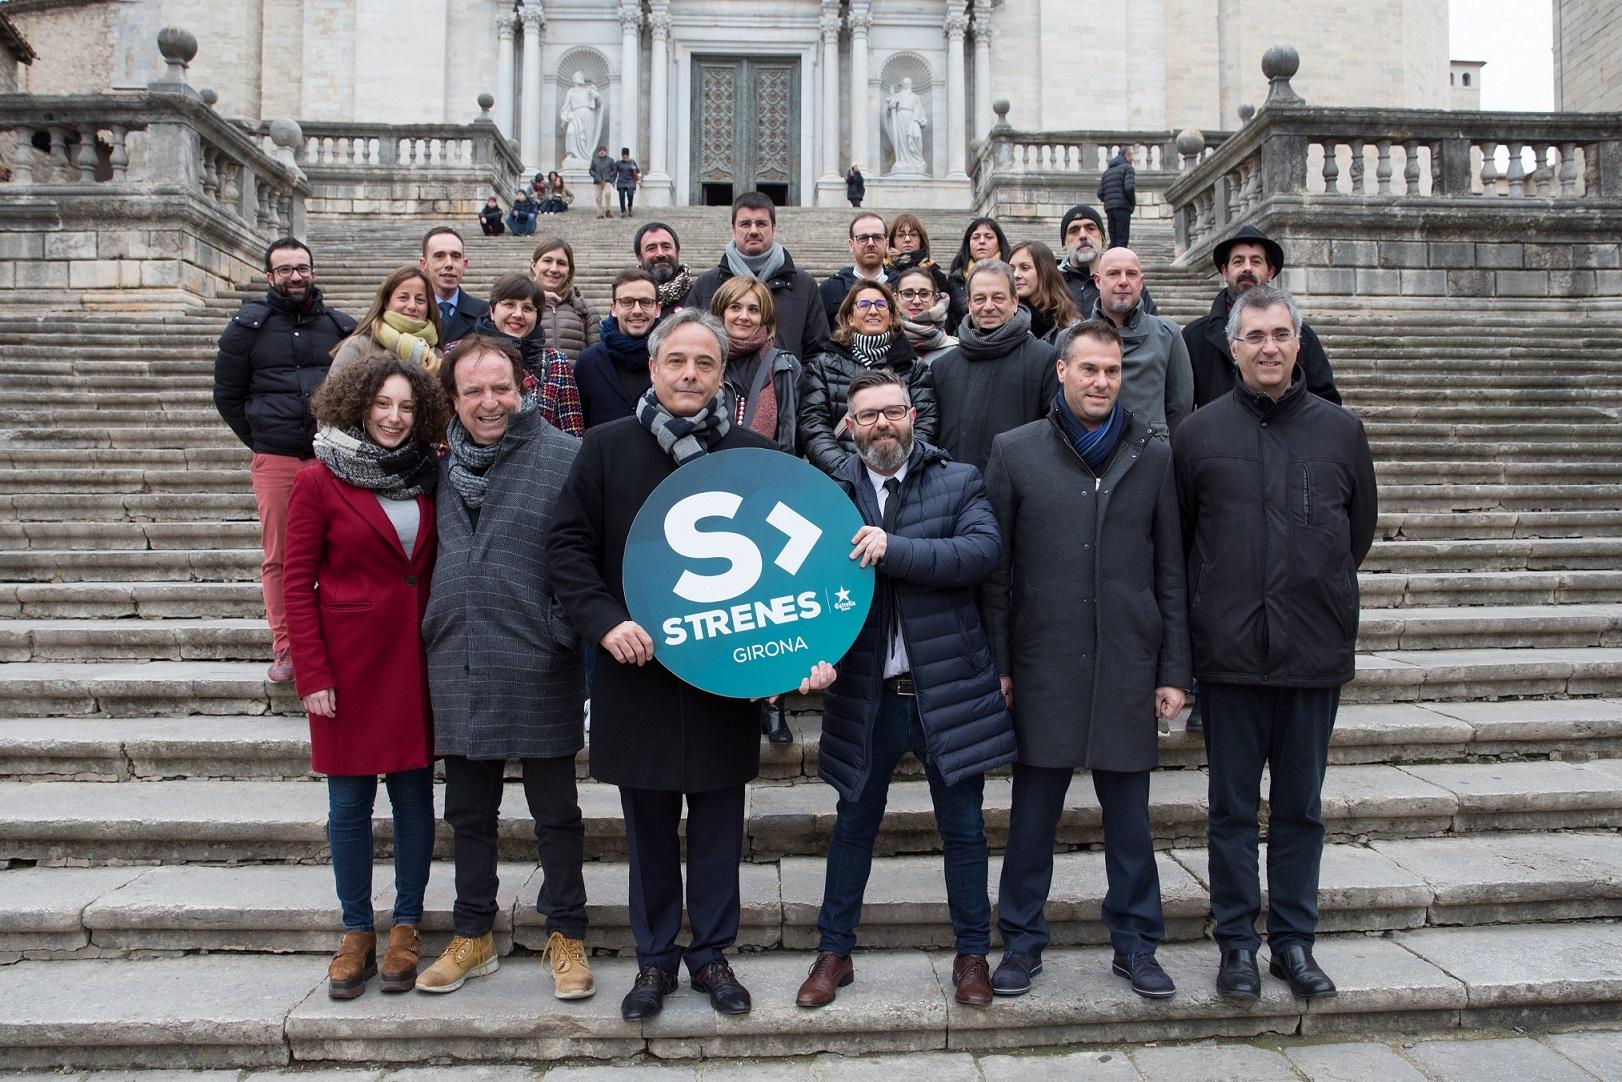 El festival Strenes tornarà situar Girona a l'epicentre del panorama musical català del 24 de març al 30 d'abril